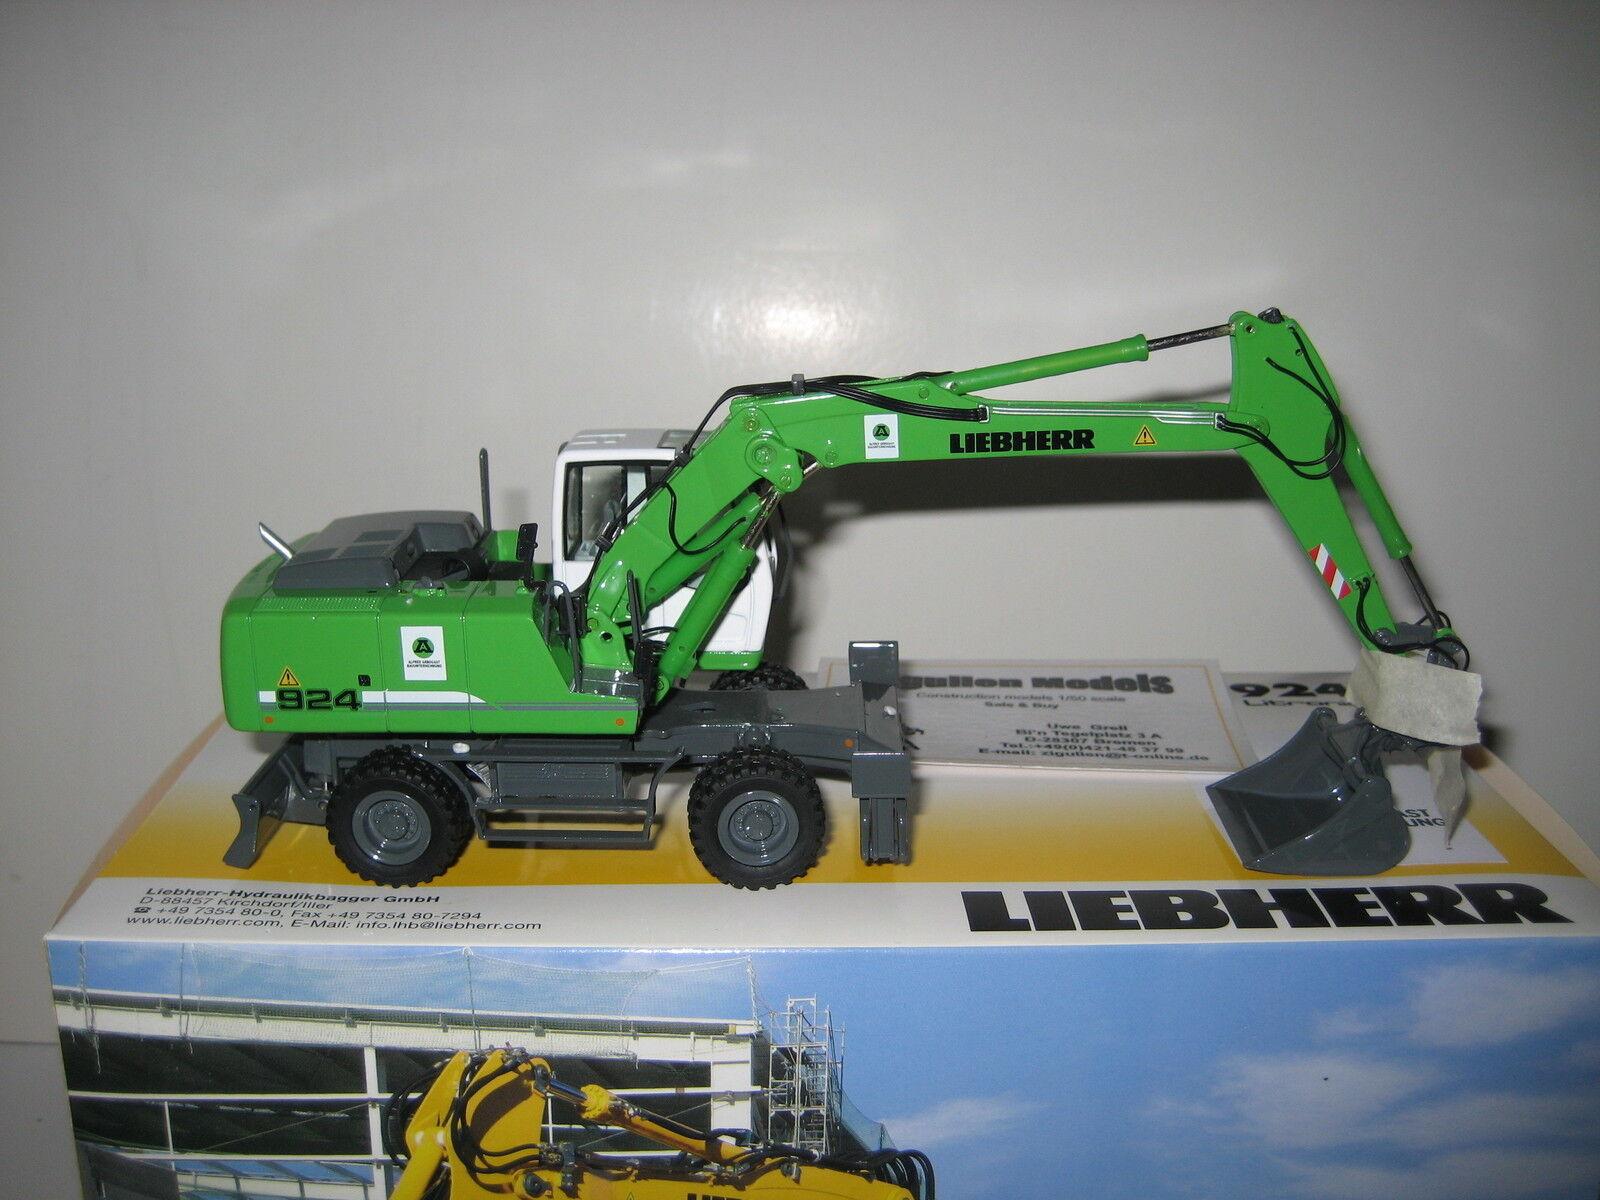 Liebherr a 924 excavator pelle arbogast  780 nzg 1 50 original packaging